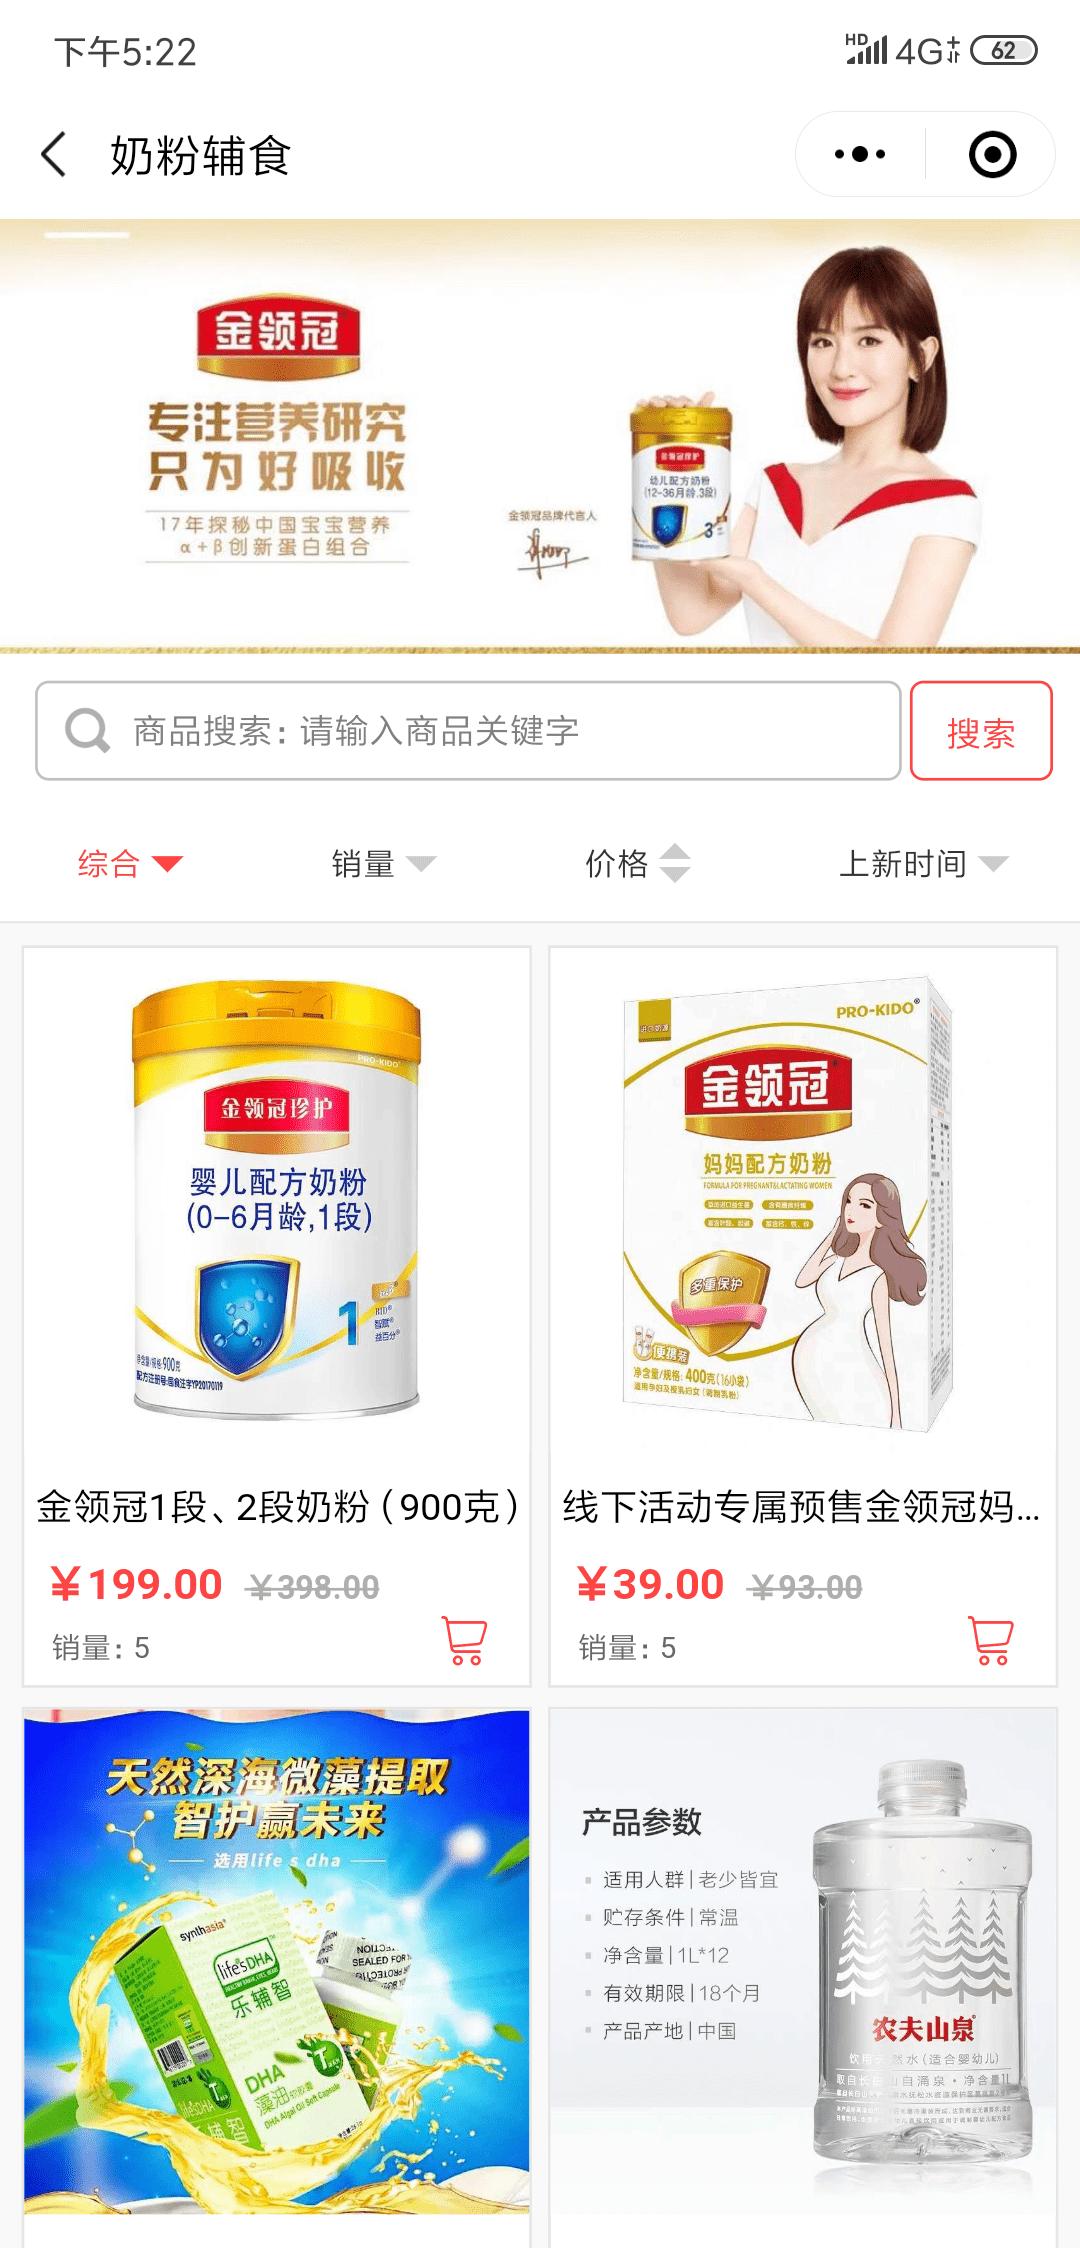 微信上海媽媽福利購小程序效果圖預覽